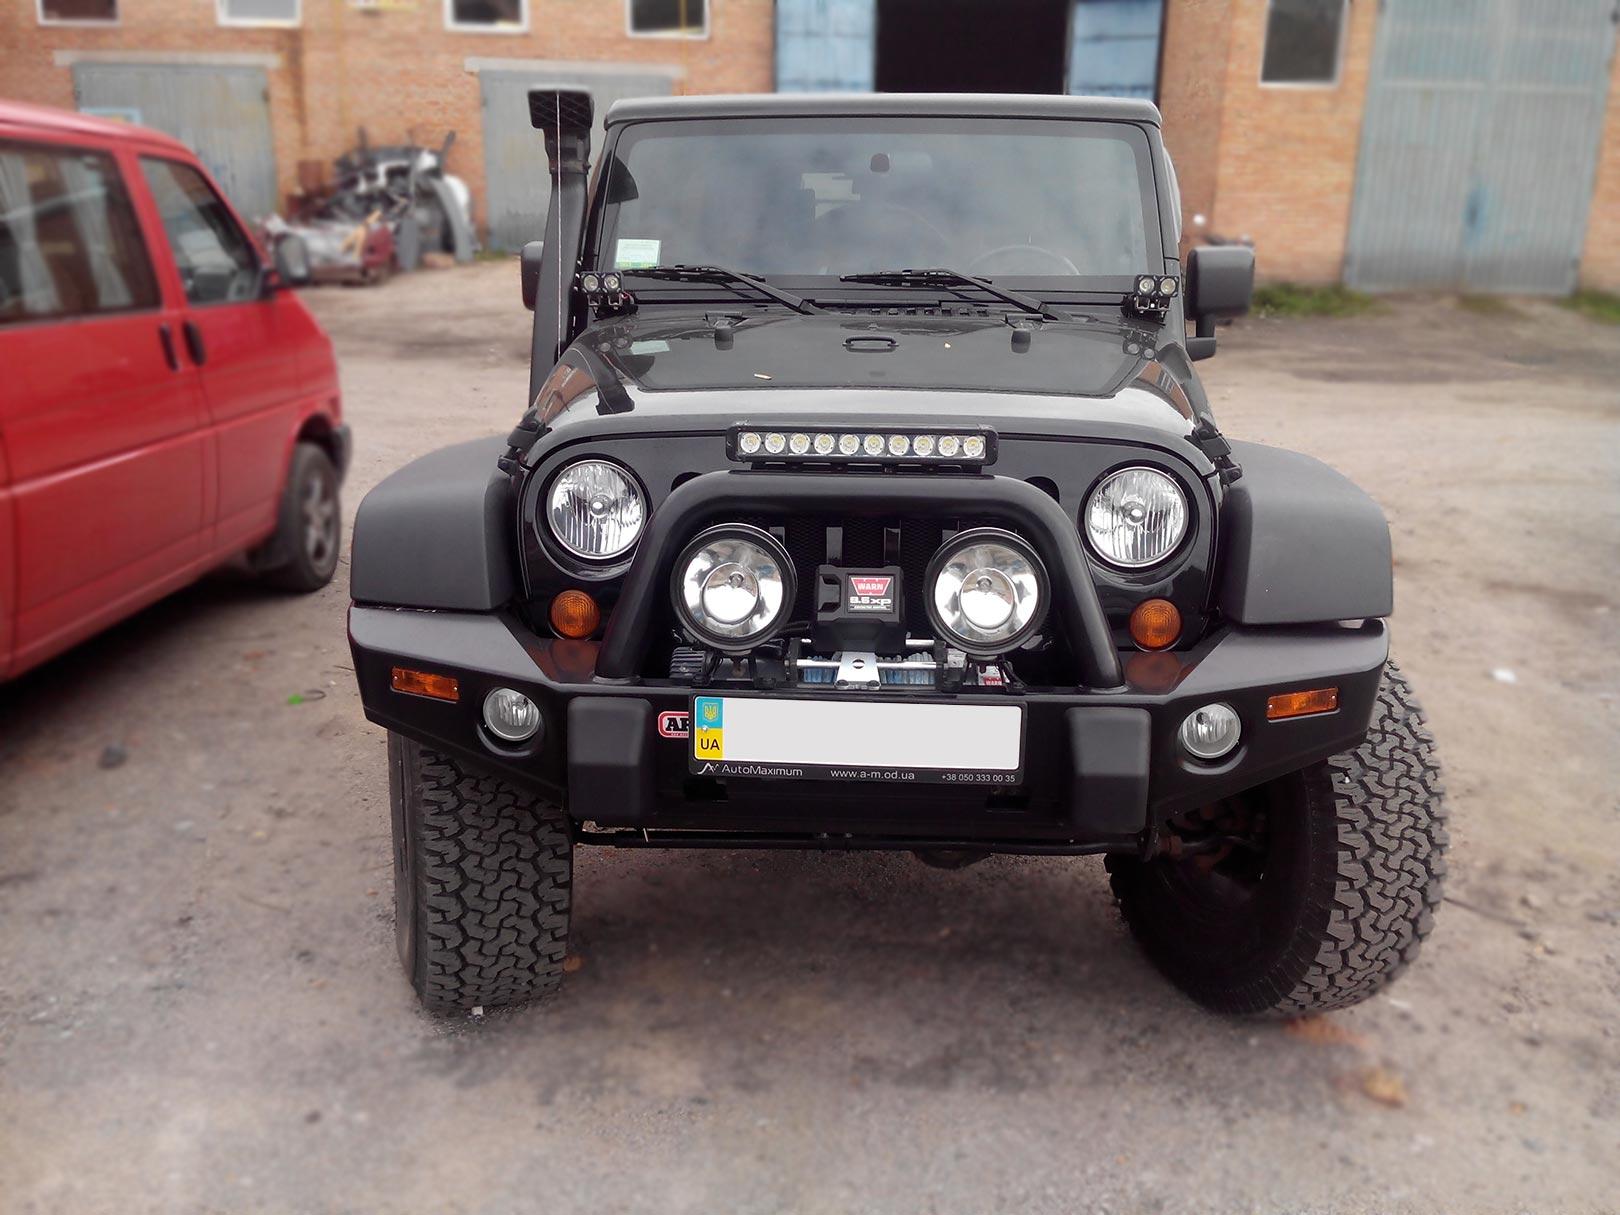 Тюнінг позашляховика Jeep Rubicon фото і деталі